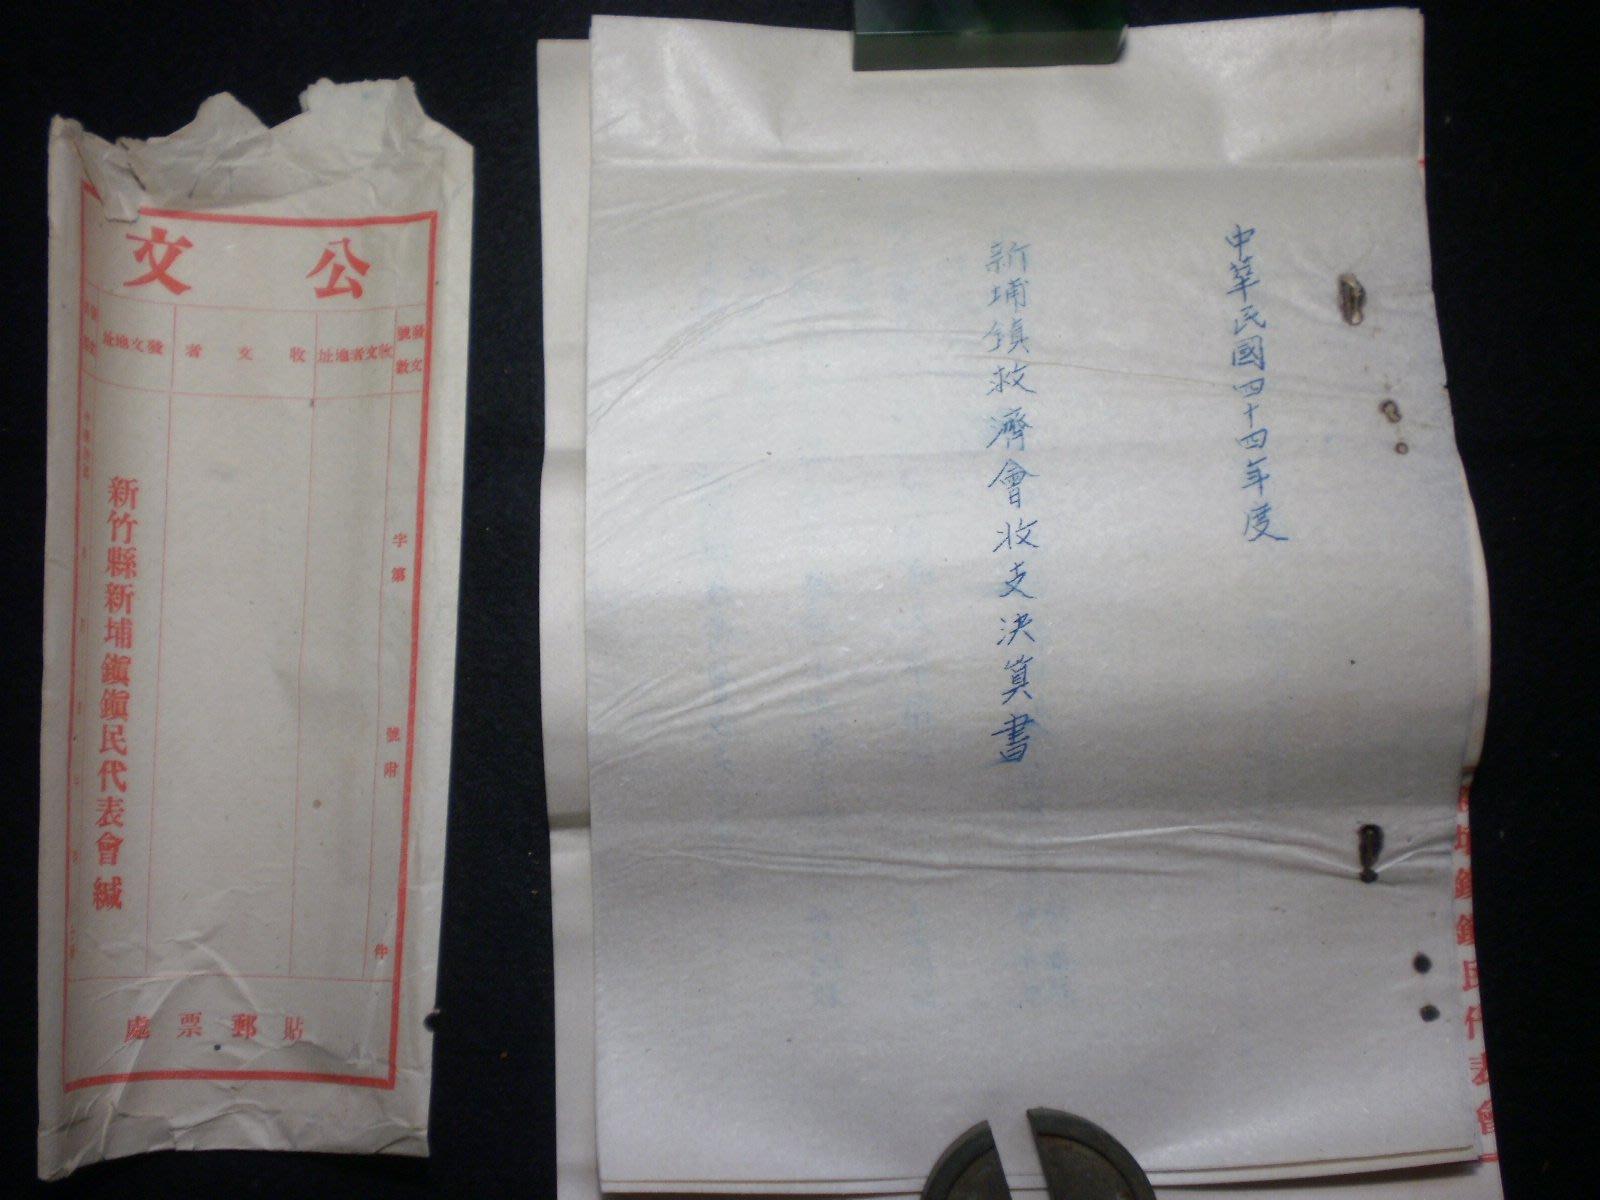 四十四年度新埔鎮救濟會收支決算書  庫464